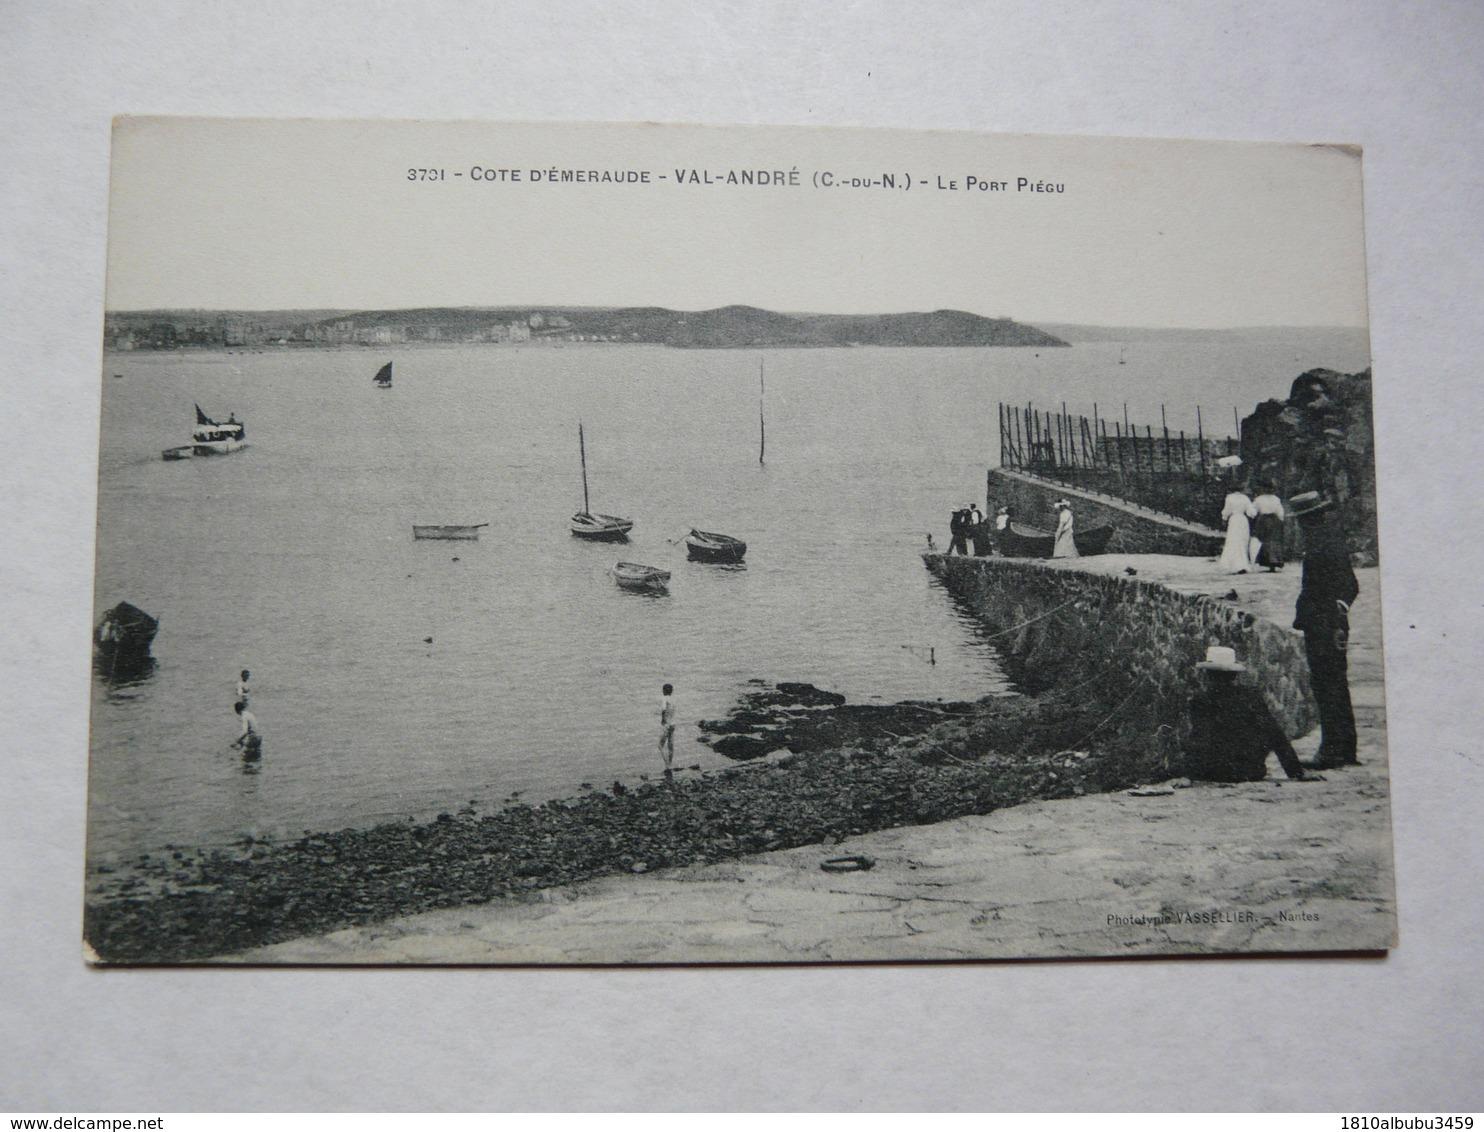 CPA 22 COTE D'ARMOR - VAL - ANDRE : Scène Animée Au Port Piegu - Andere Gemeenten